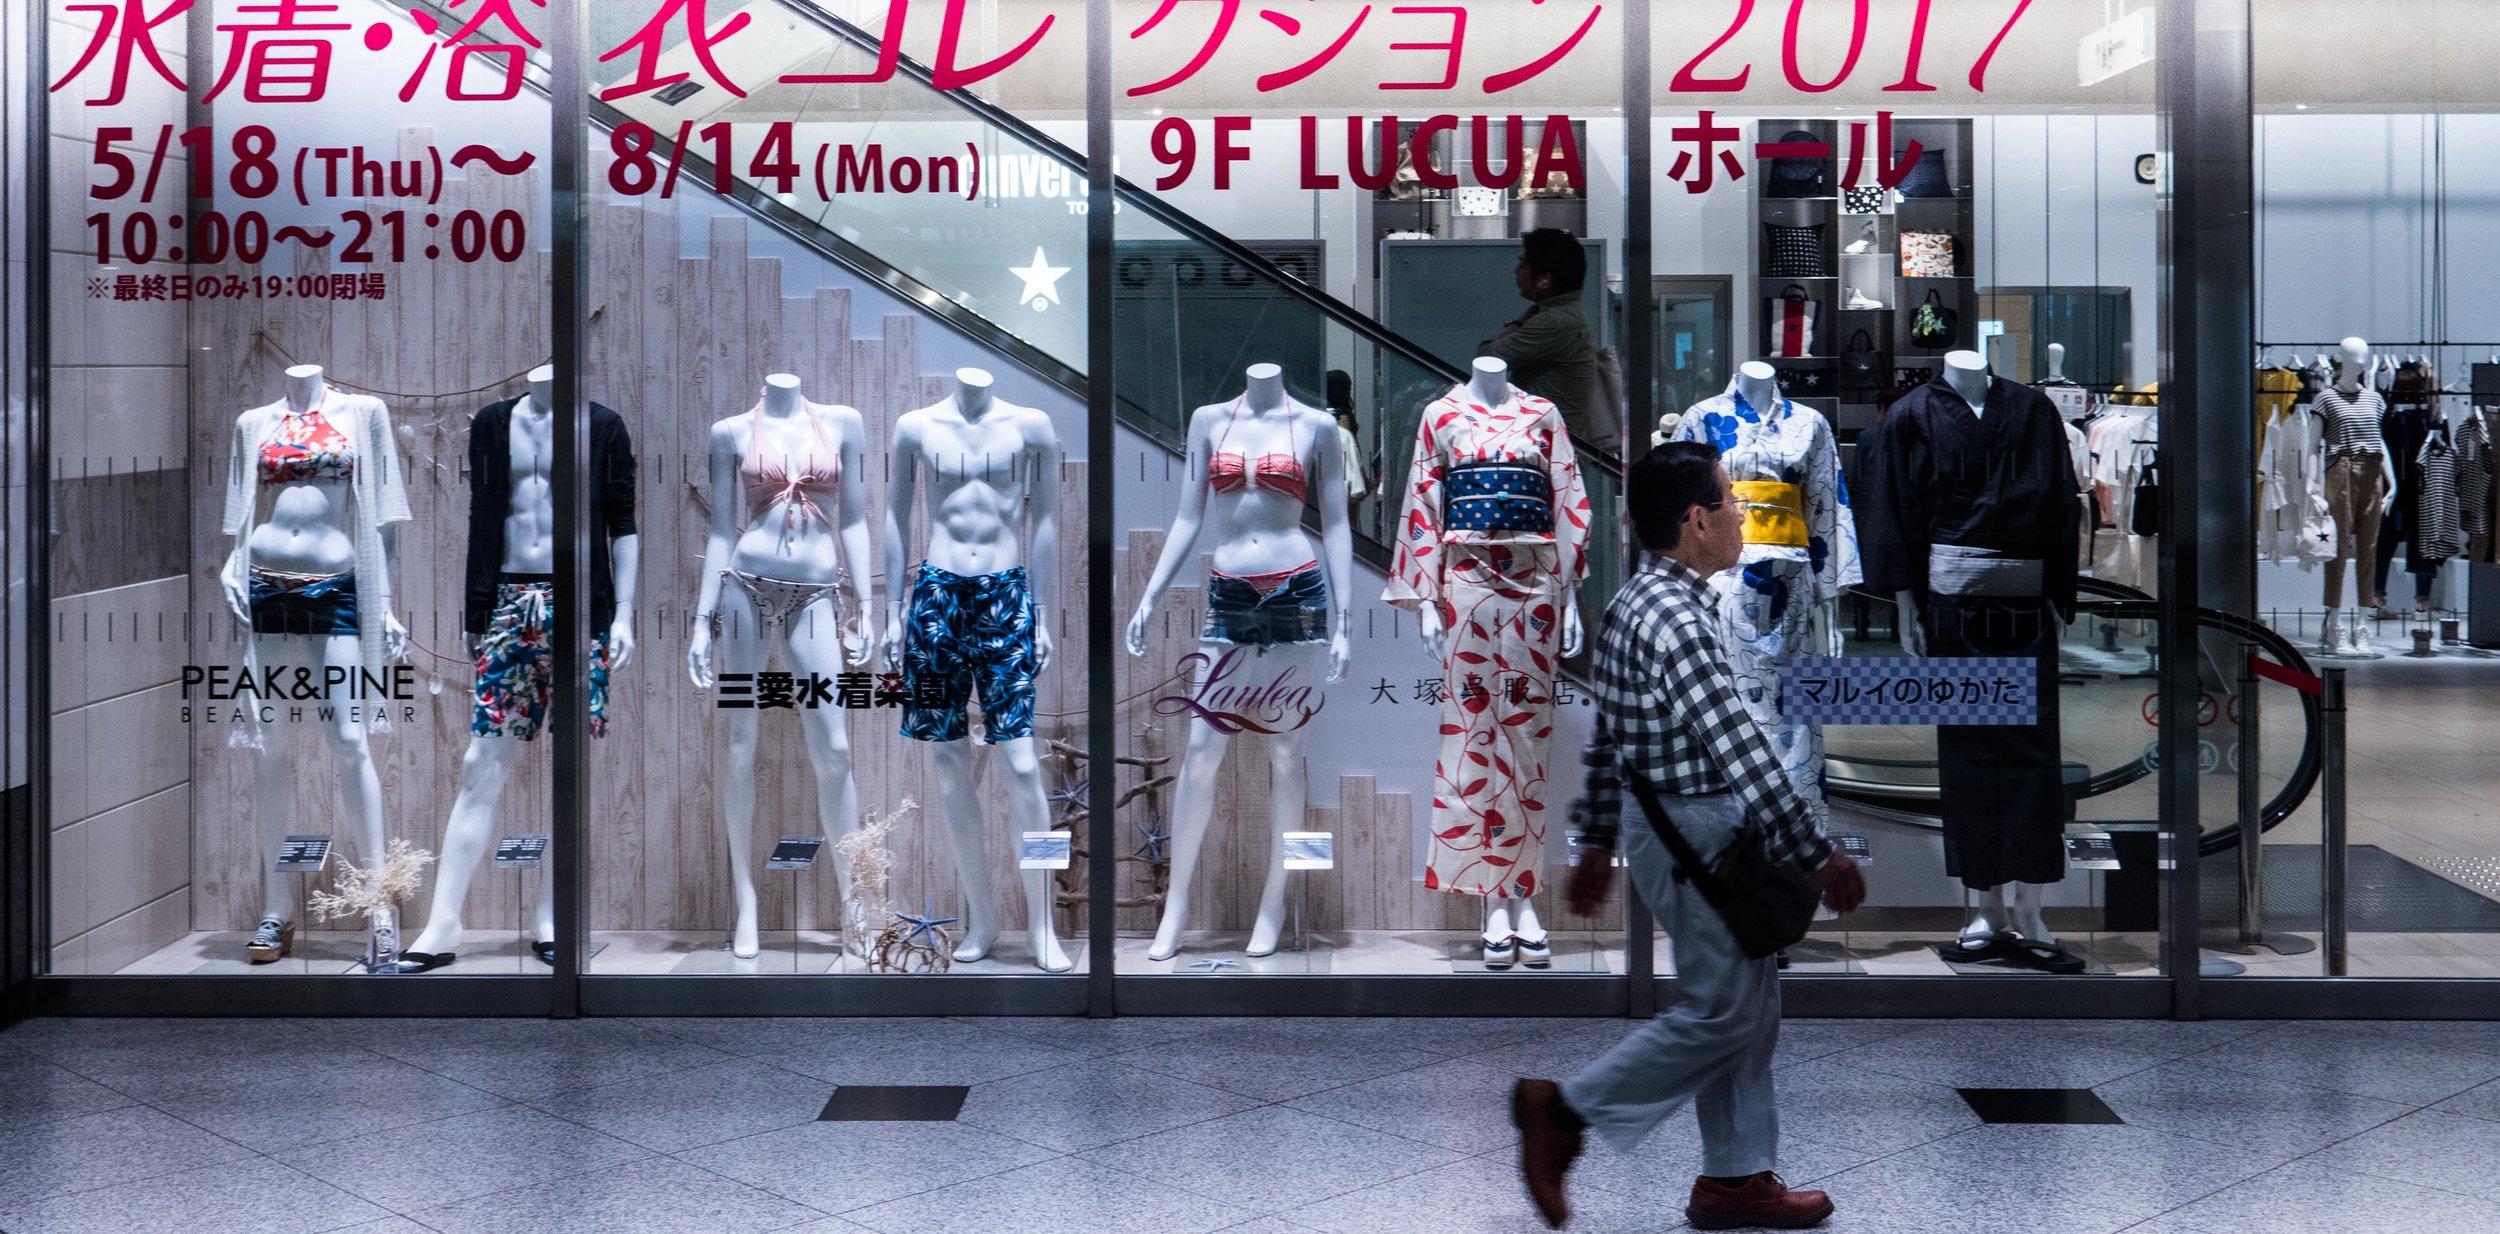 bill japan-1011190.jpg